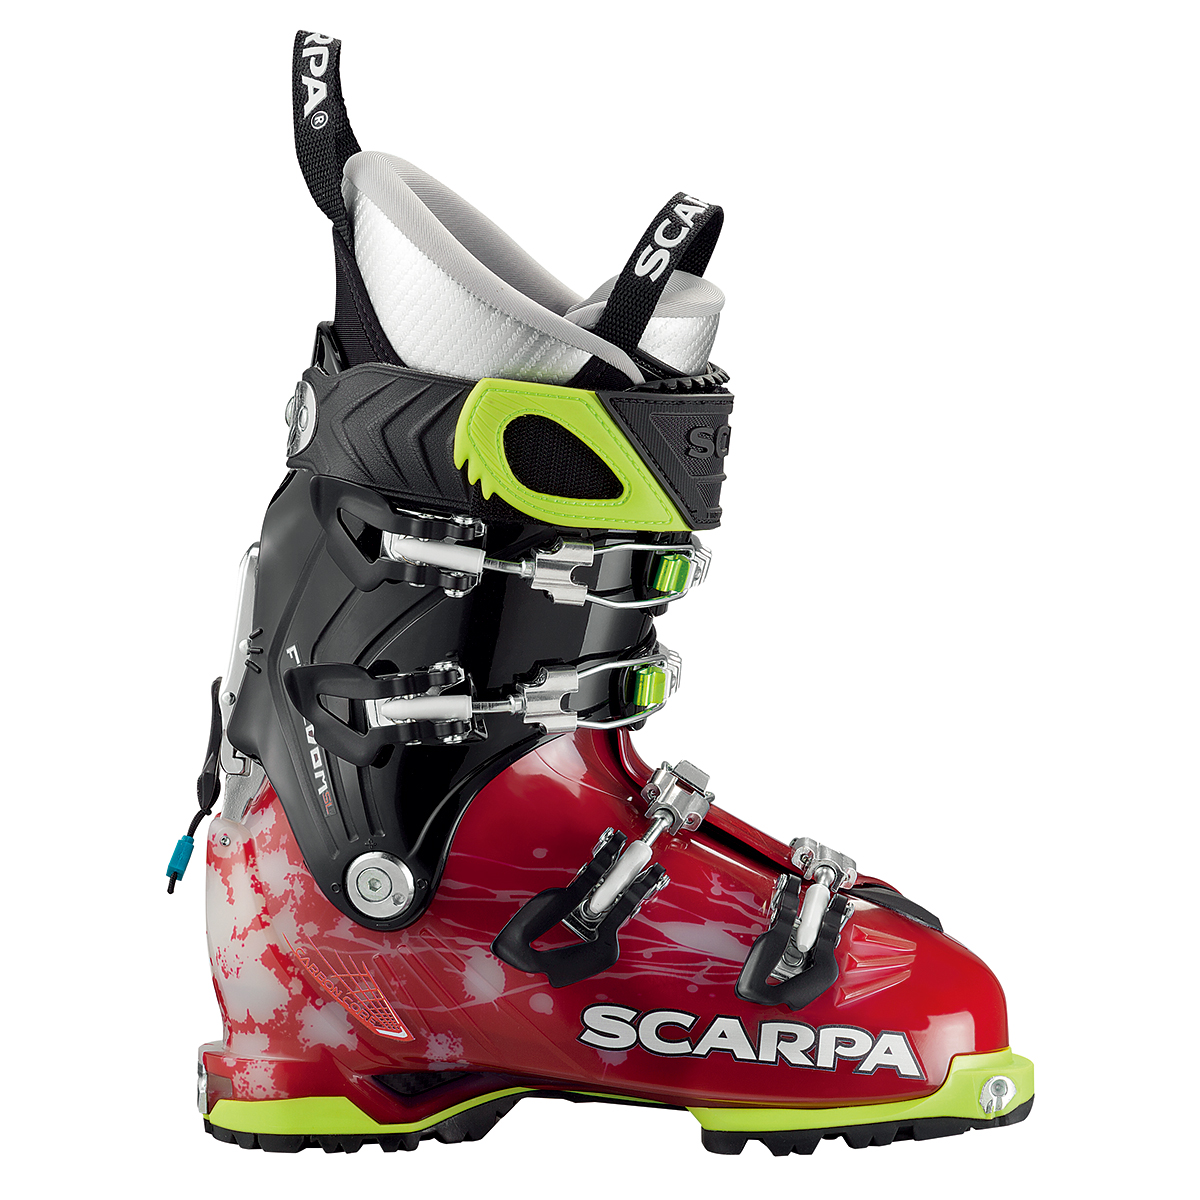 スカルパ フリーダム SL WMN テック対応女性用兼用スキーブーツ(P5)